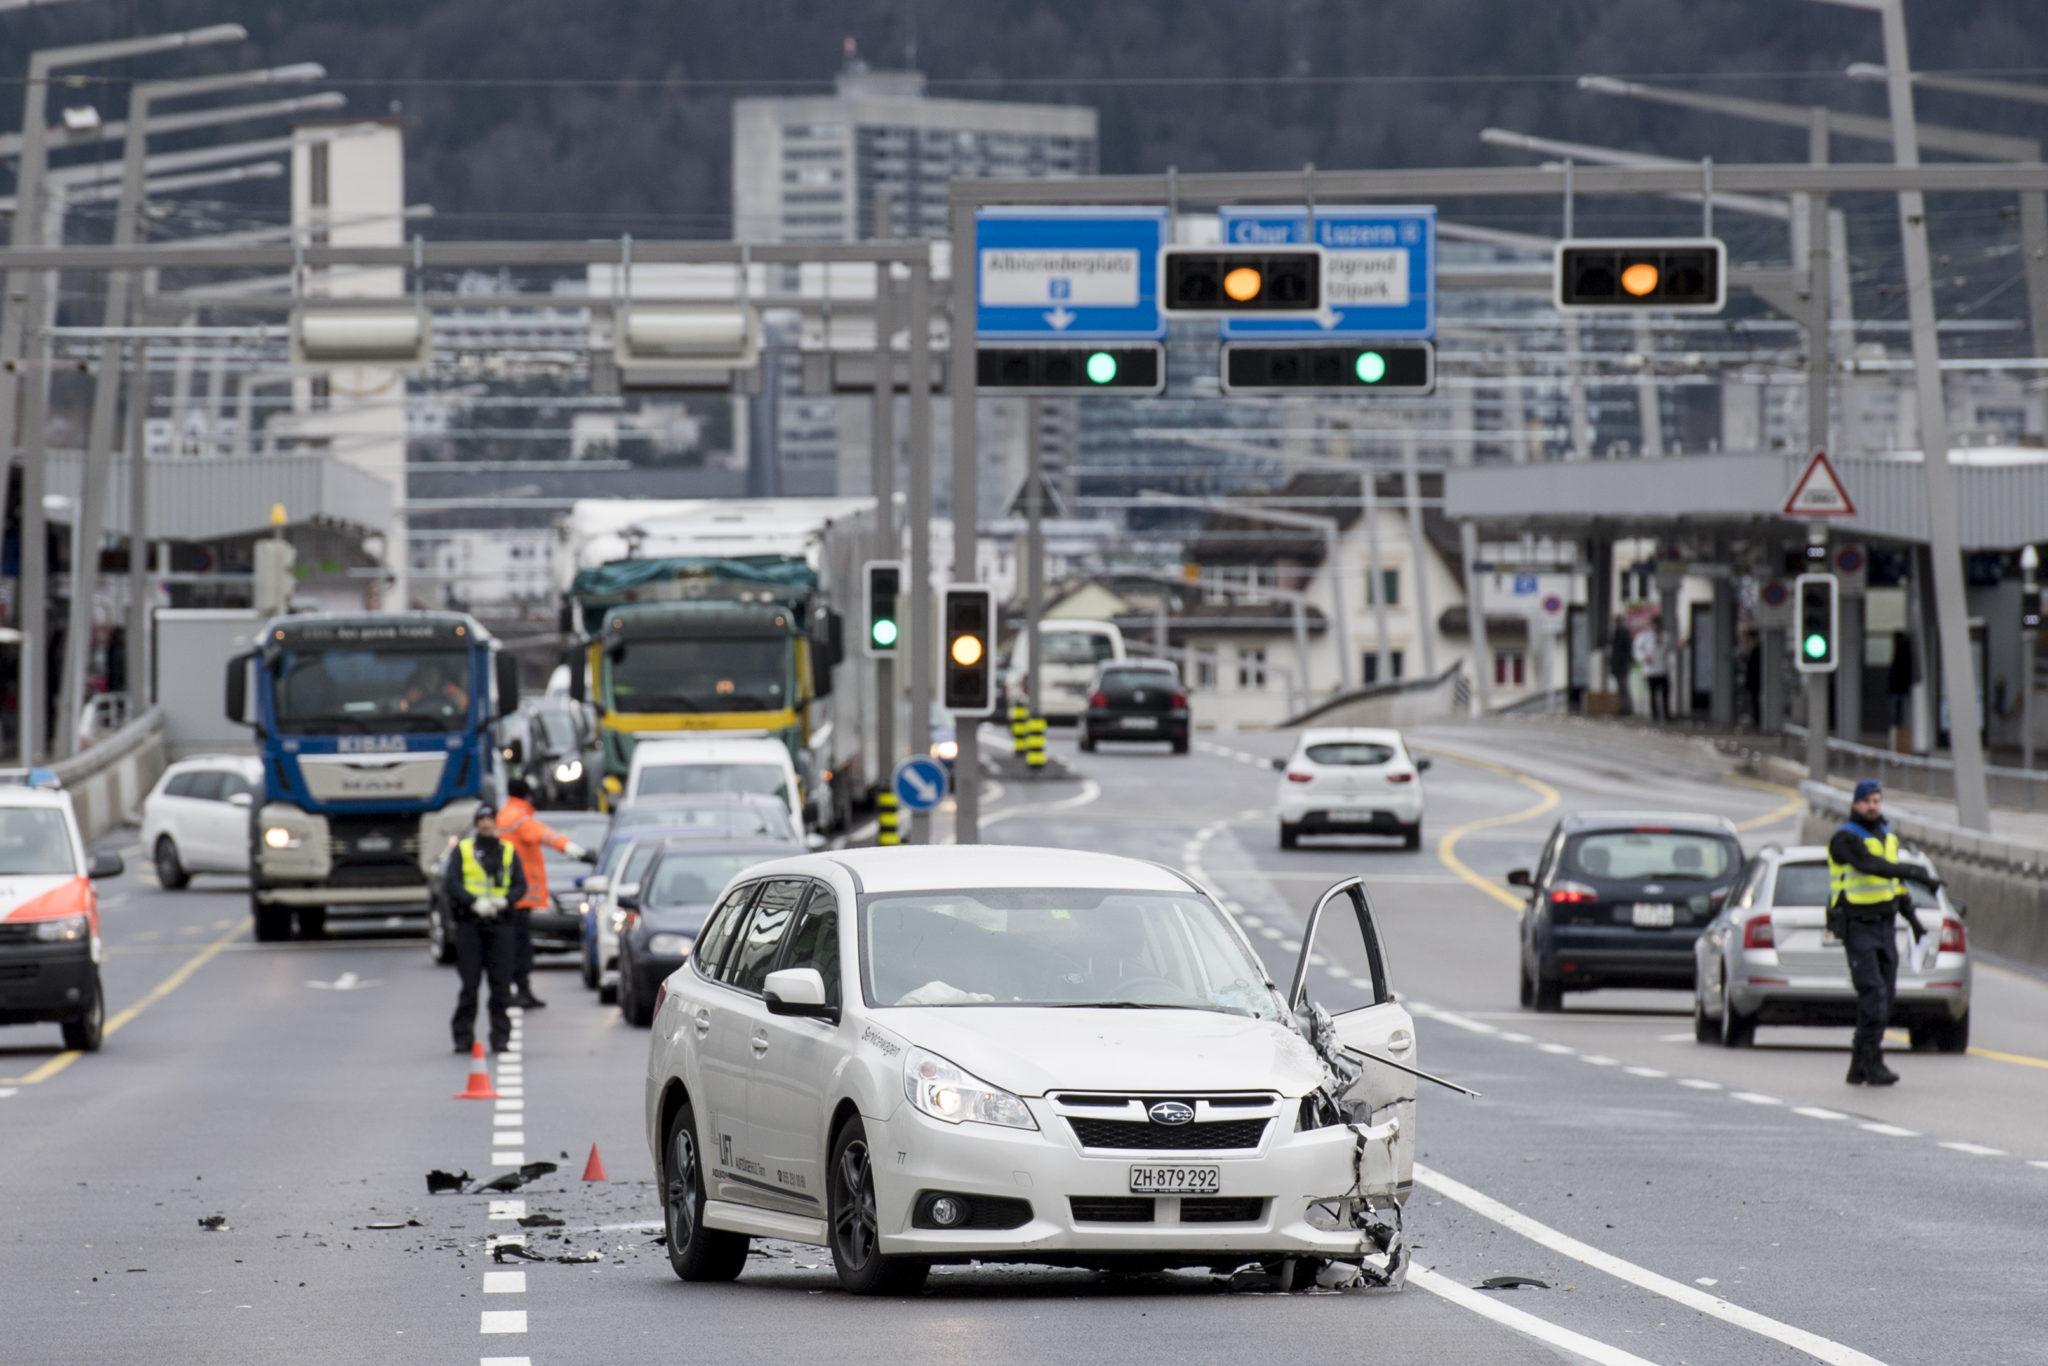 Ein weisses Auto steht auf der Handdrücke in Zürich, links vorne ist es von einer Kollision eingedrückt. Polizisten dirigieren den Verkehr um das verunfallte Auto herum.